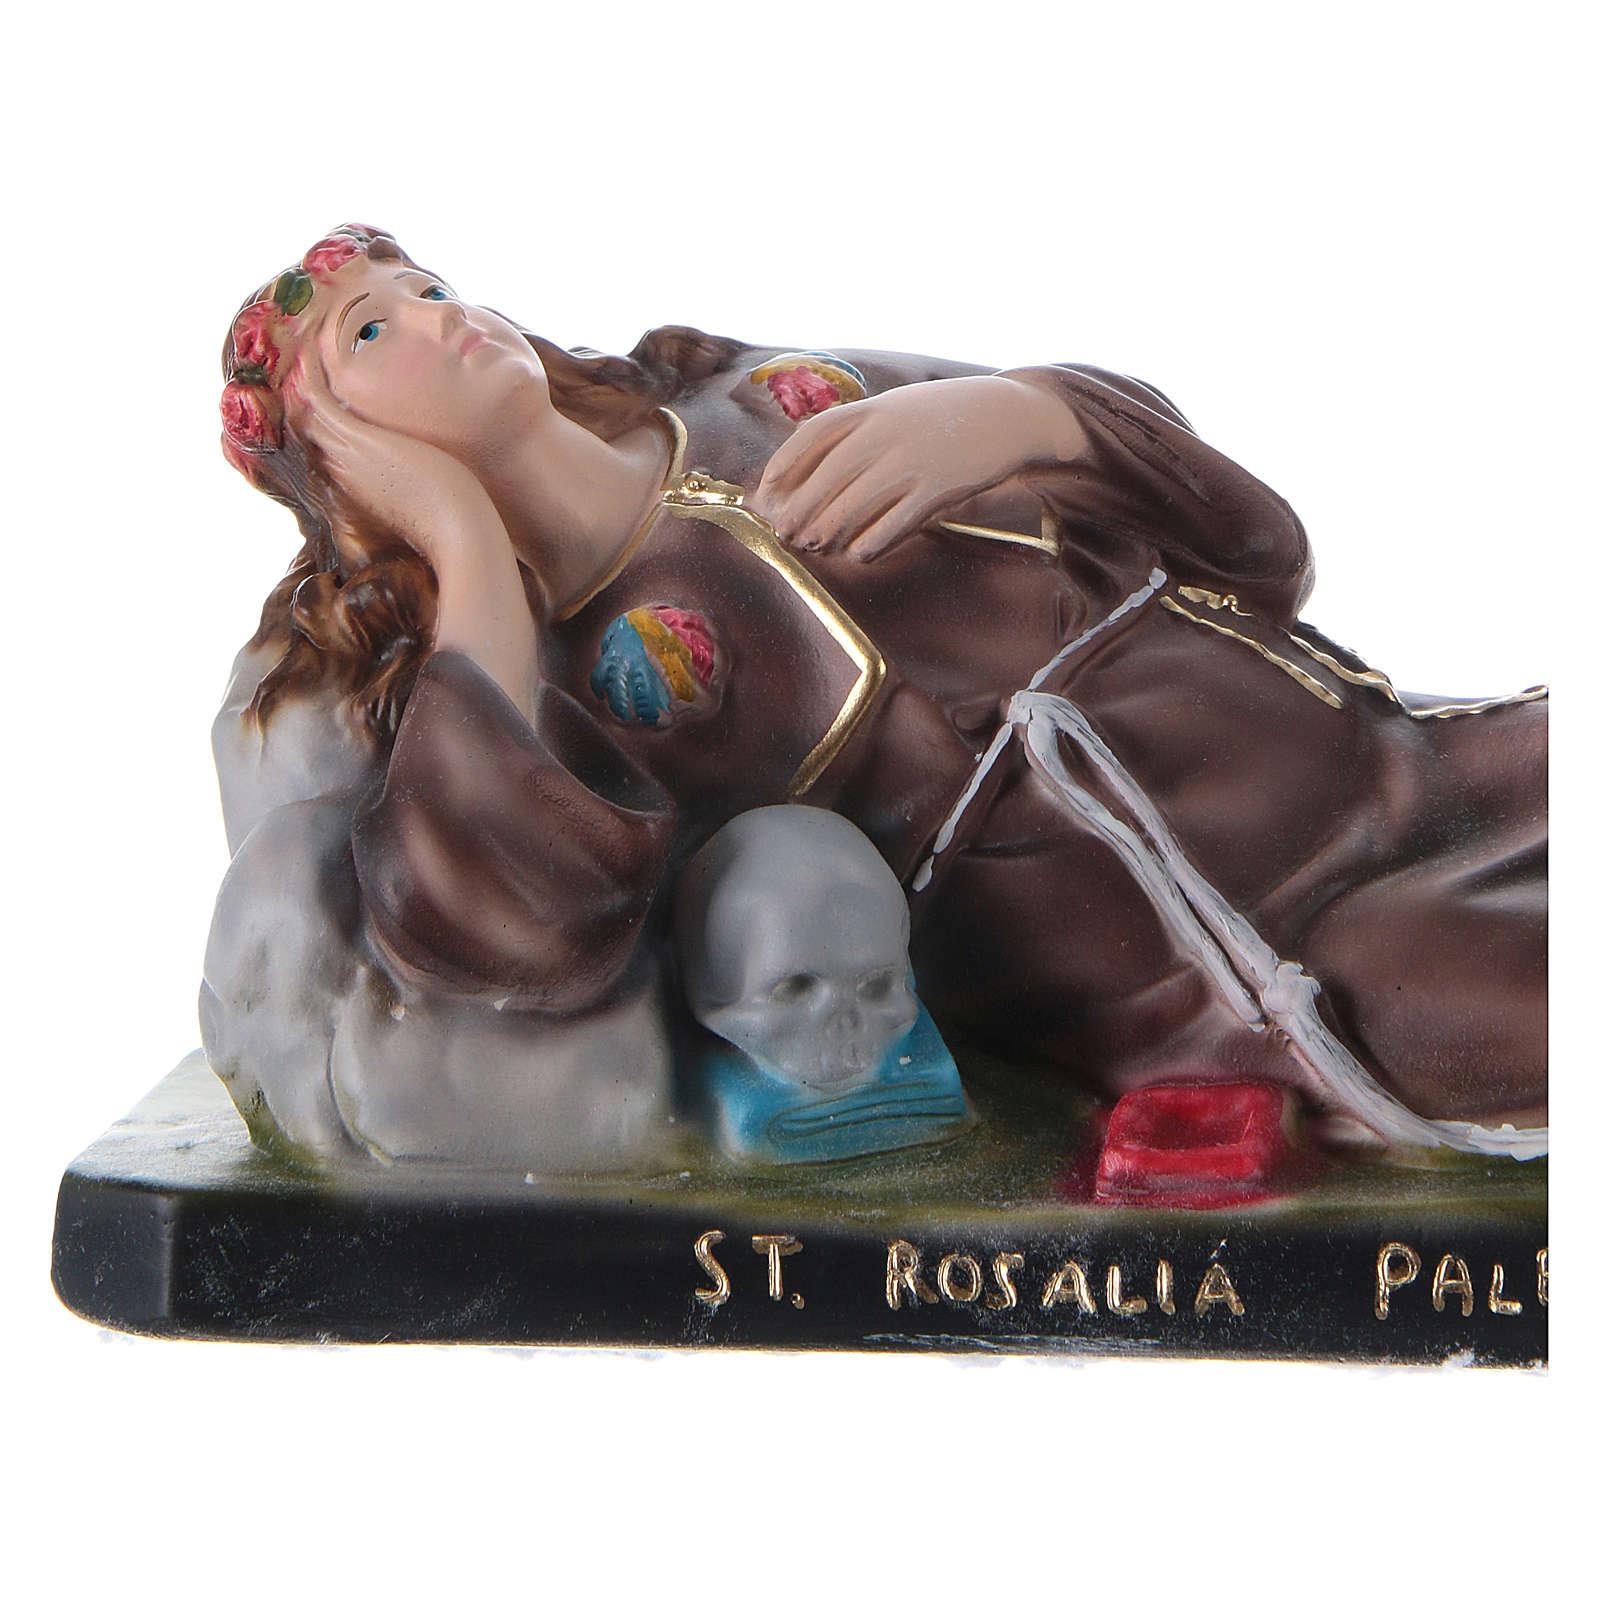 Santa Rosalía tumbada 12x30x10 cm yeso 4